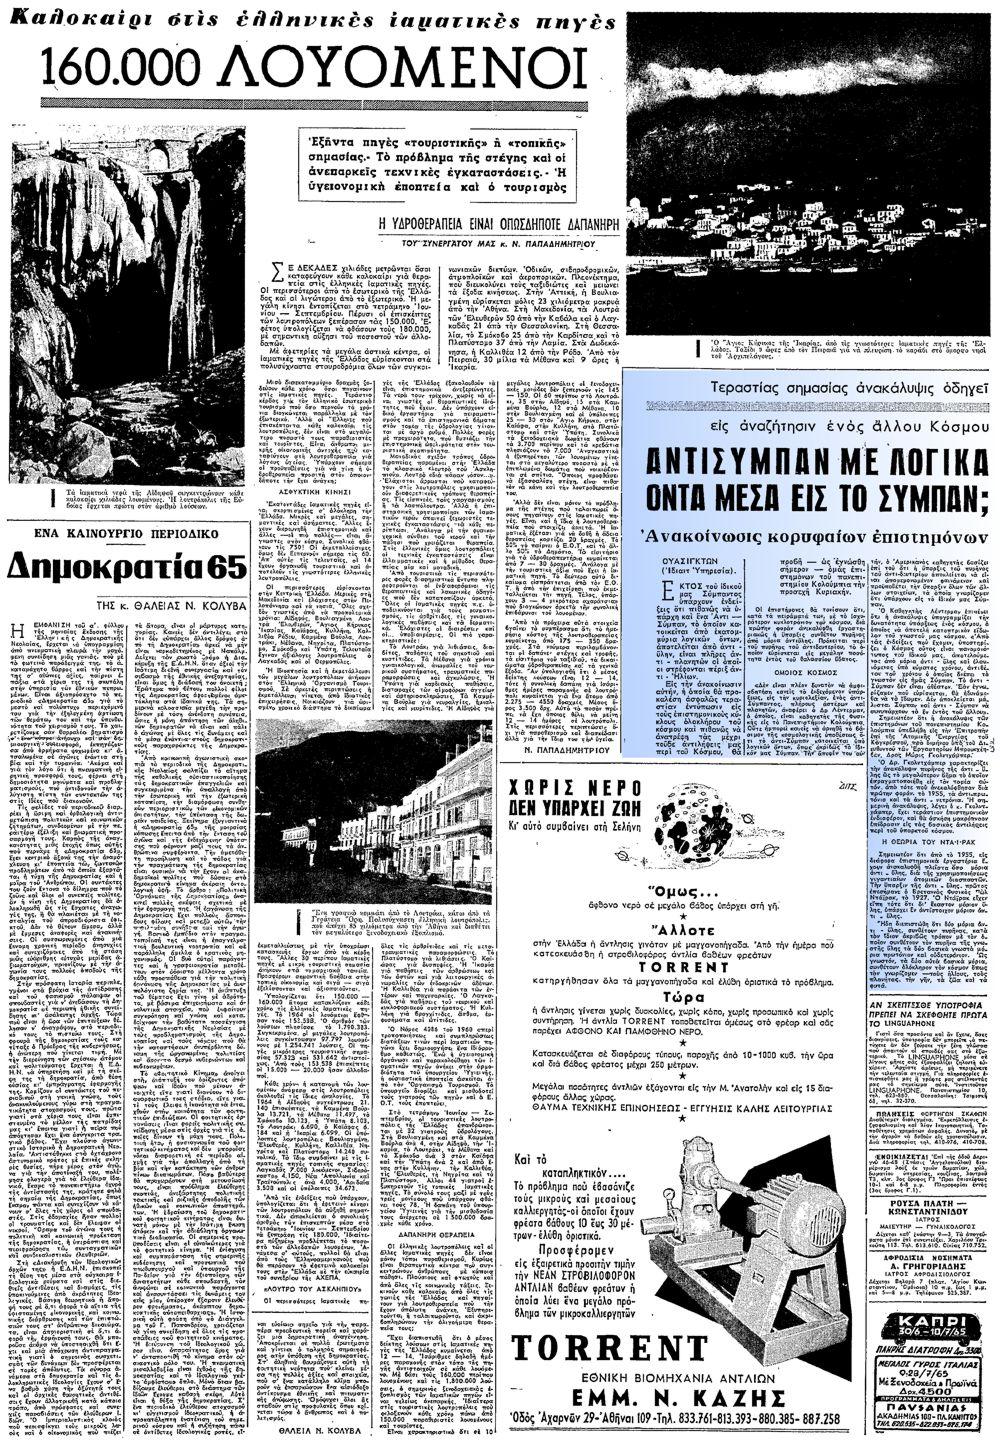 """Το άρθρο, όπως δημοσιεύθηκε στην εφημερίδα """"ΕΛΕΥΘΕΡΙΑ"""", στις 13/06/1965"""